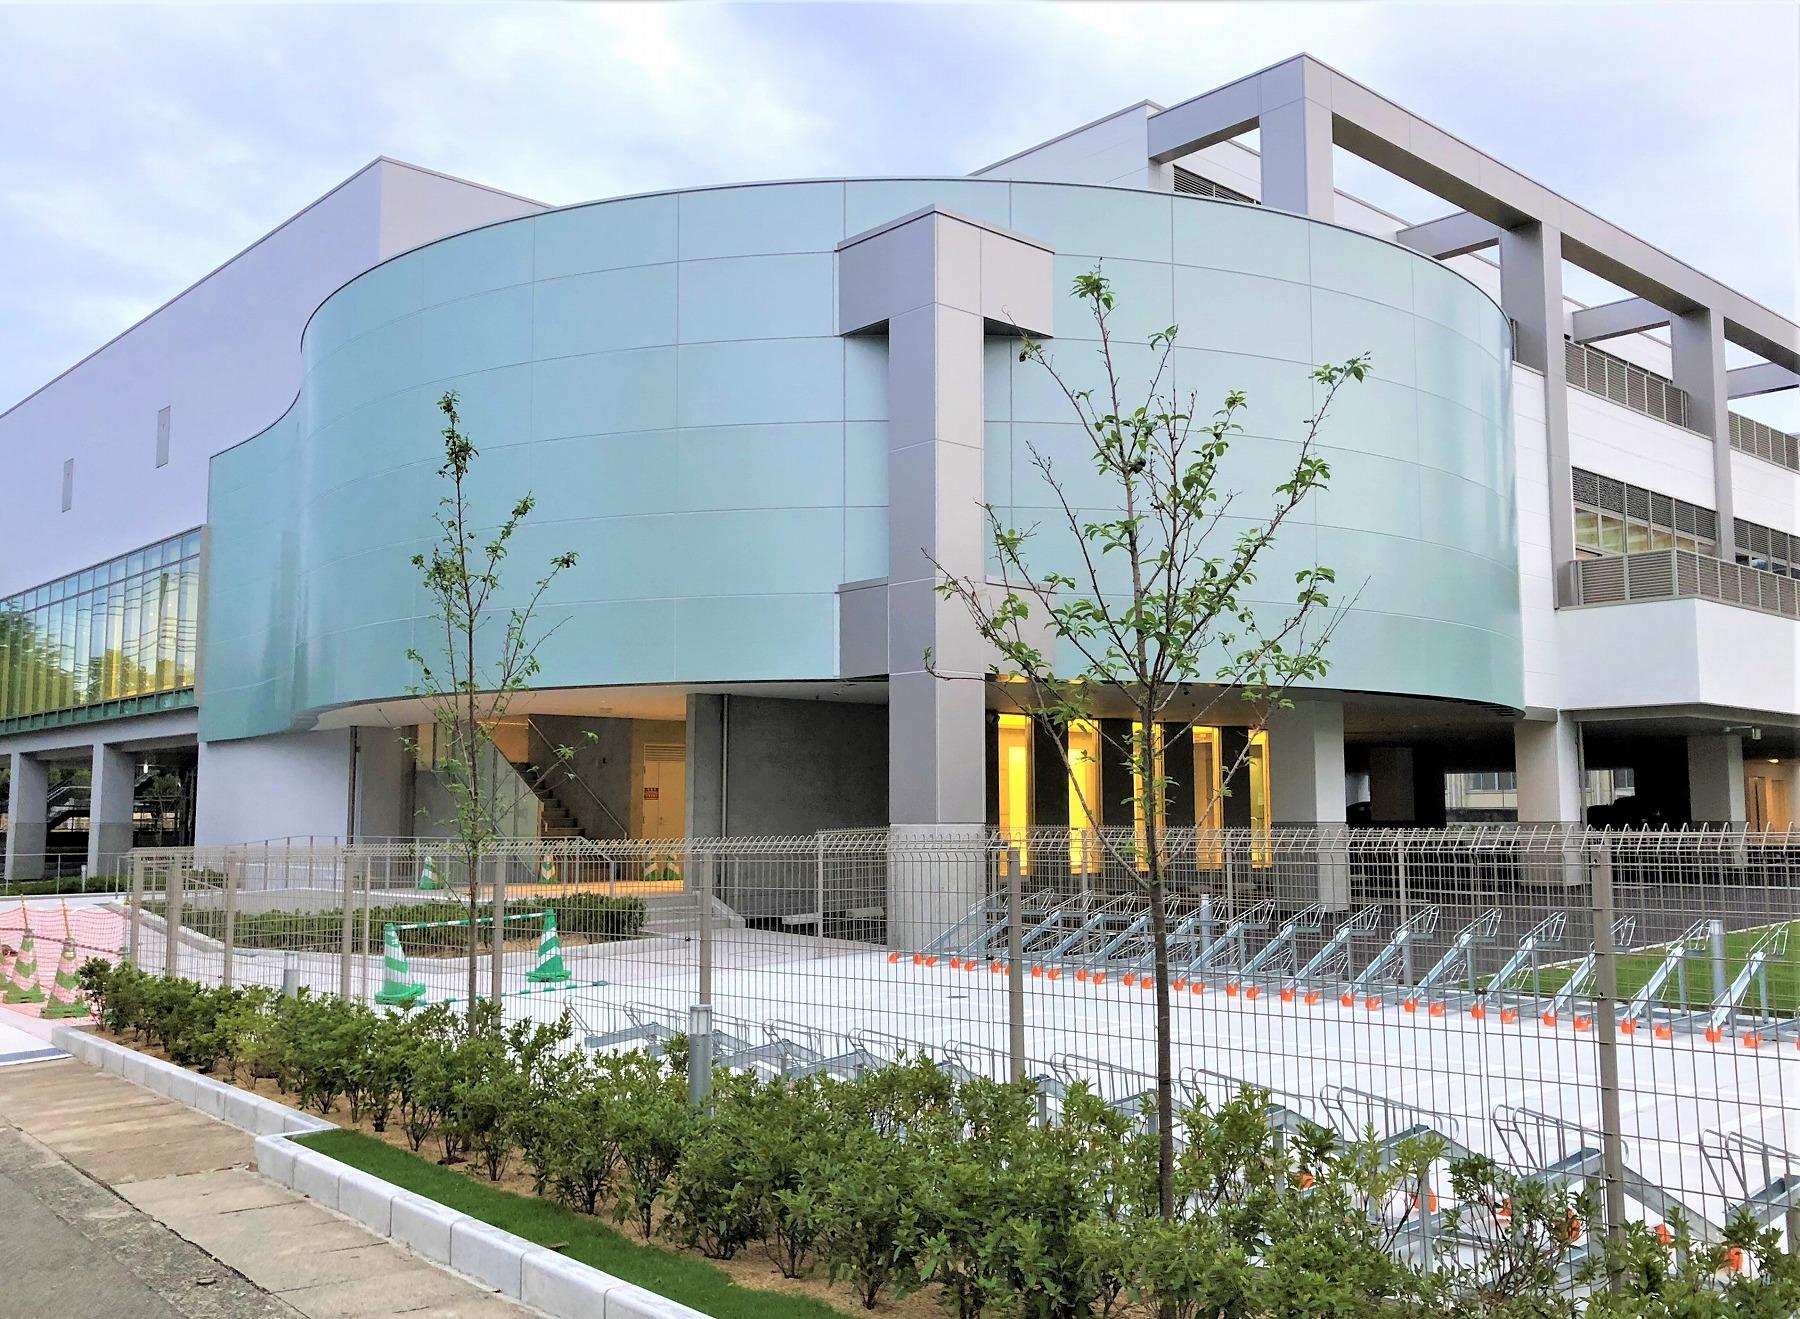 神戸・JR住吉南に「恋野温泉 うはらの湯」が2018年10月オープン!完成間近の建物はこちら! #恋野温泉 #うはらの湯 #東灘区 #新規オープン #甲南病院 #温泉